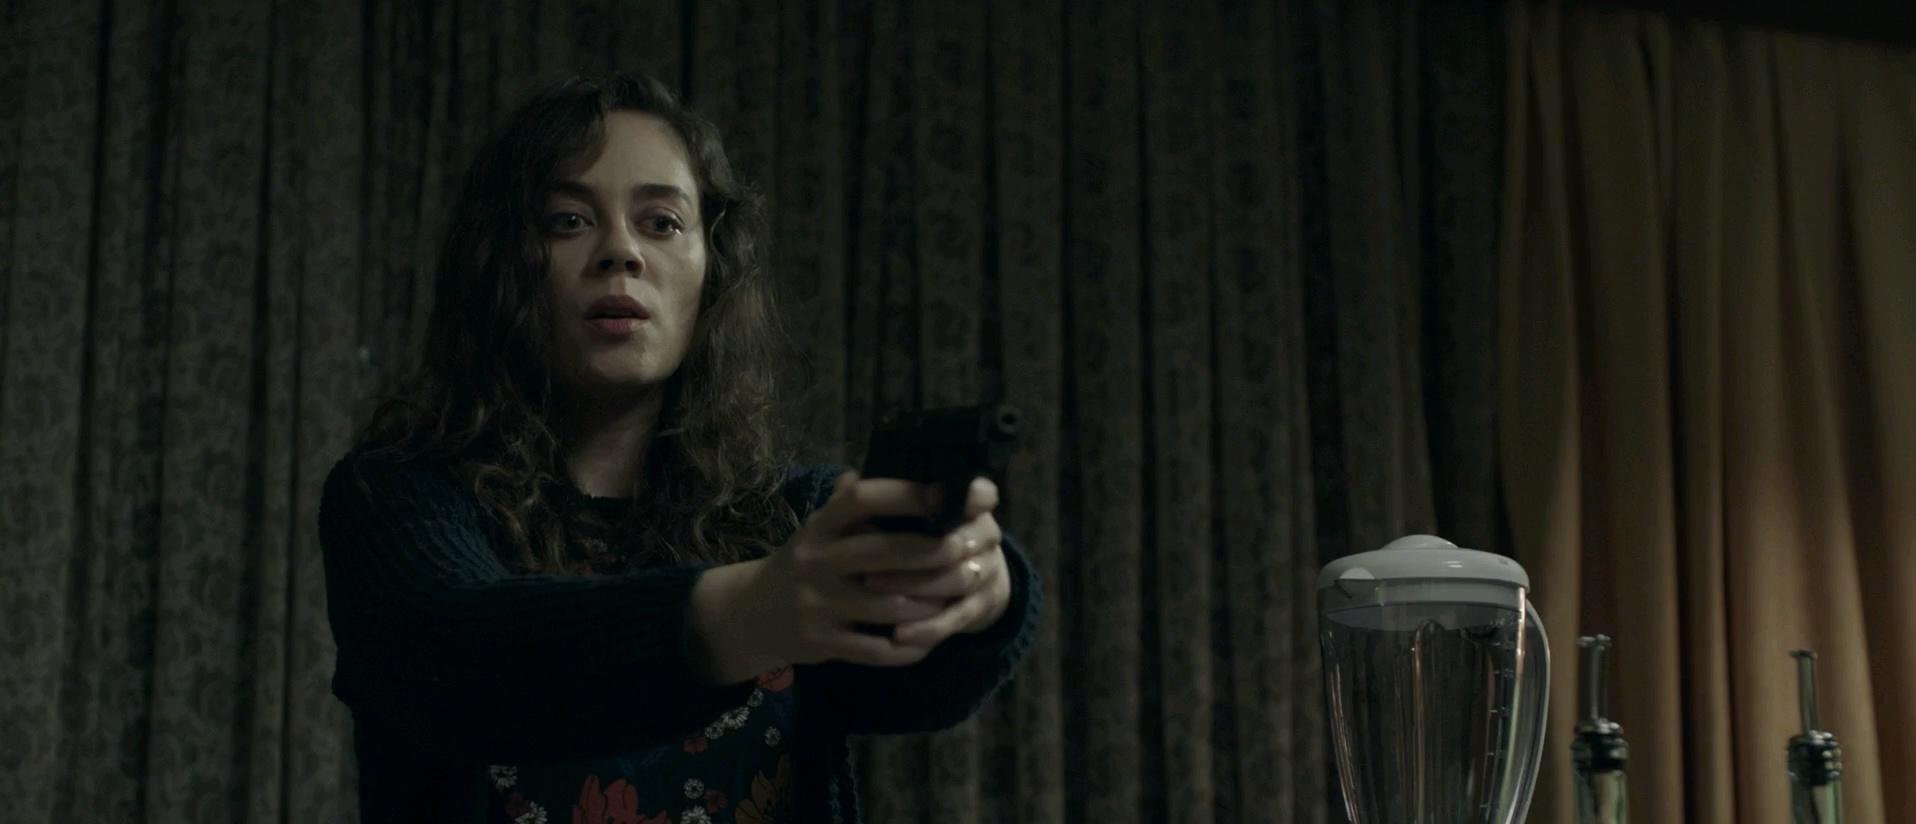 Sofra Sırları   2018   Yerli Film   WEB-DL   XviD   Sansürsüz   1080p - m720p - m1080p   WEB-DL   Tek Link